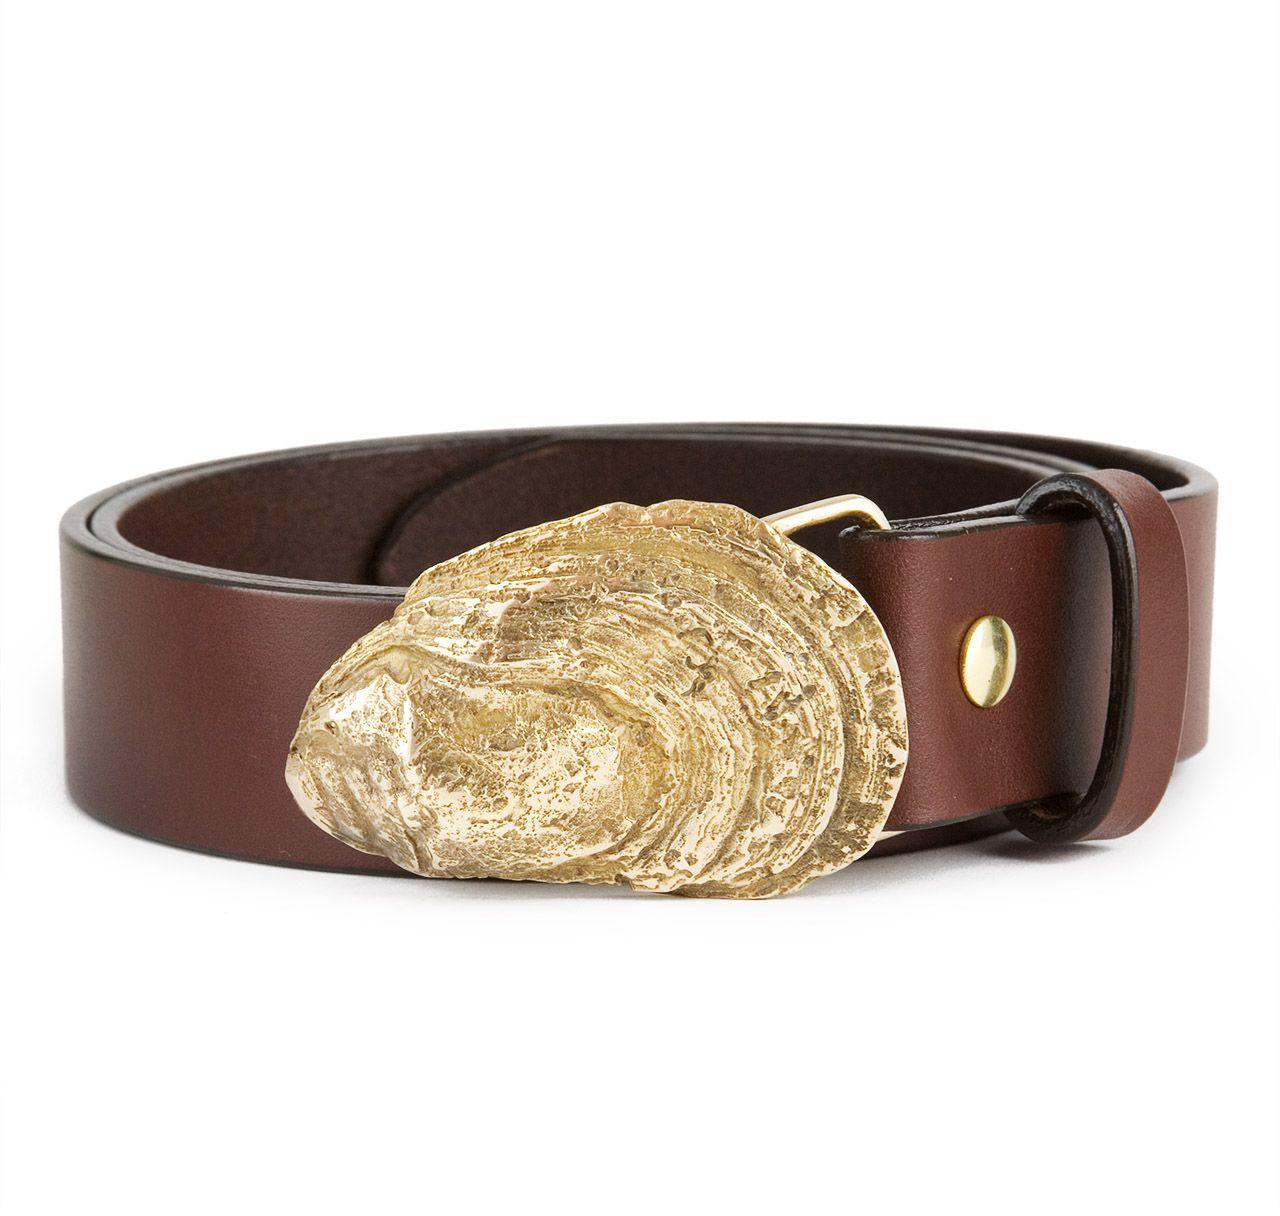 Oyster Belt Buckle in Brass